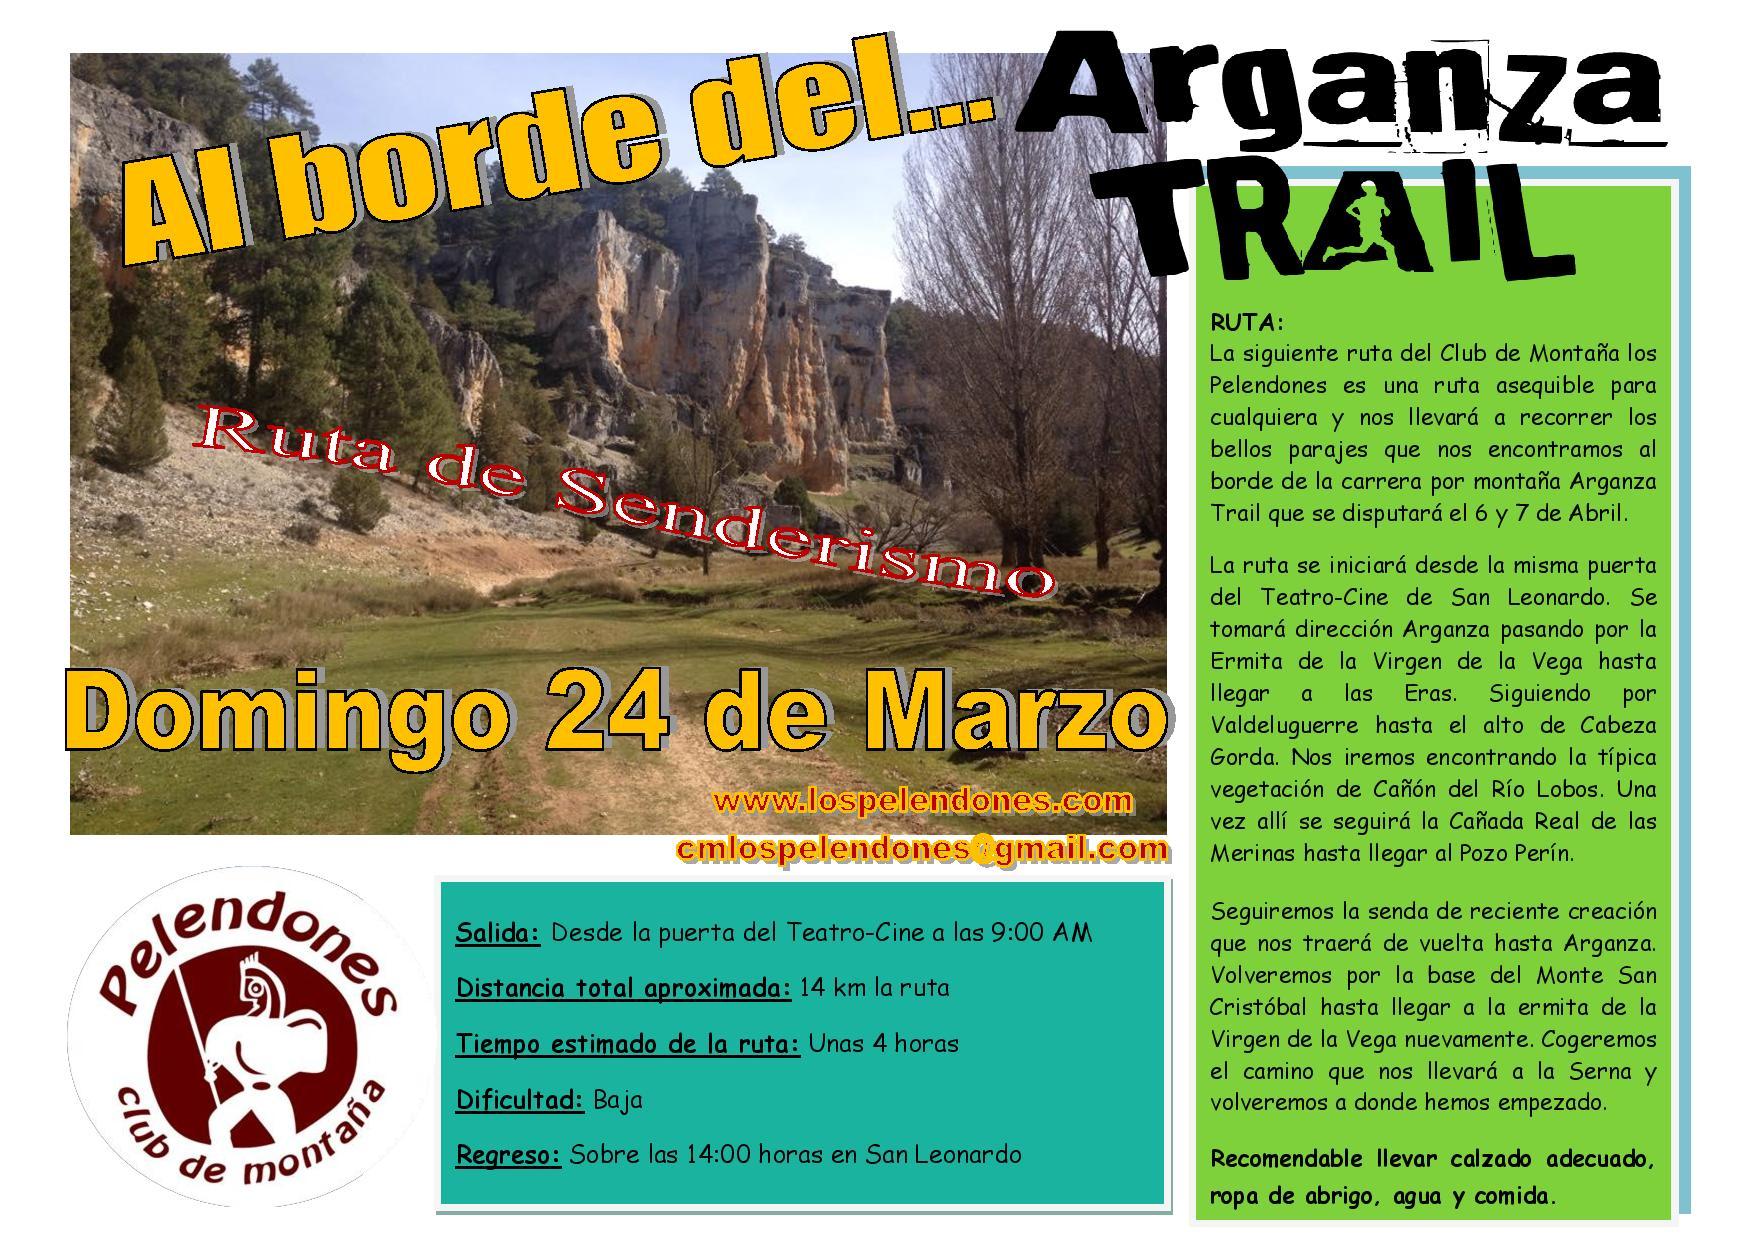 Al borde del Arganza Trail-page-001.jpg